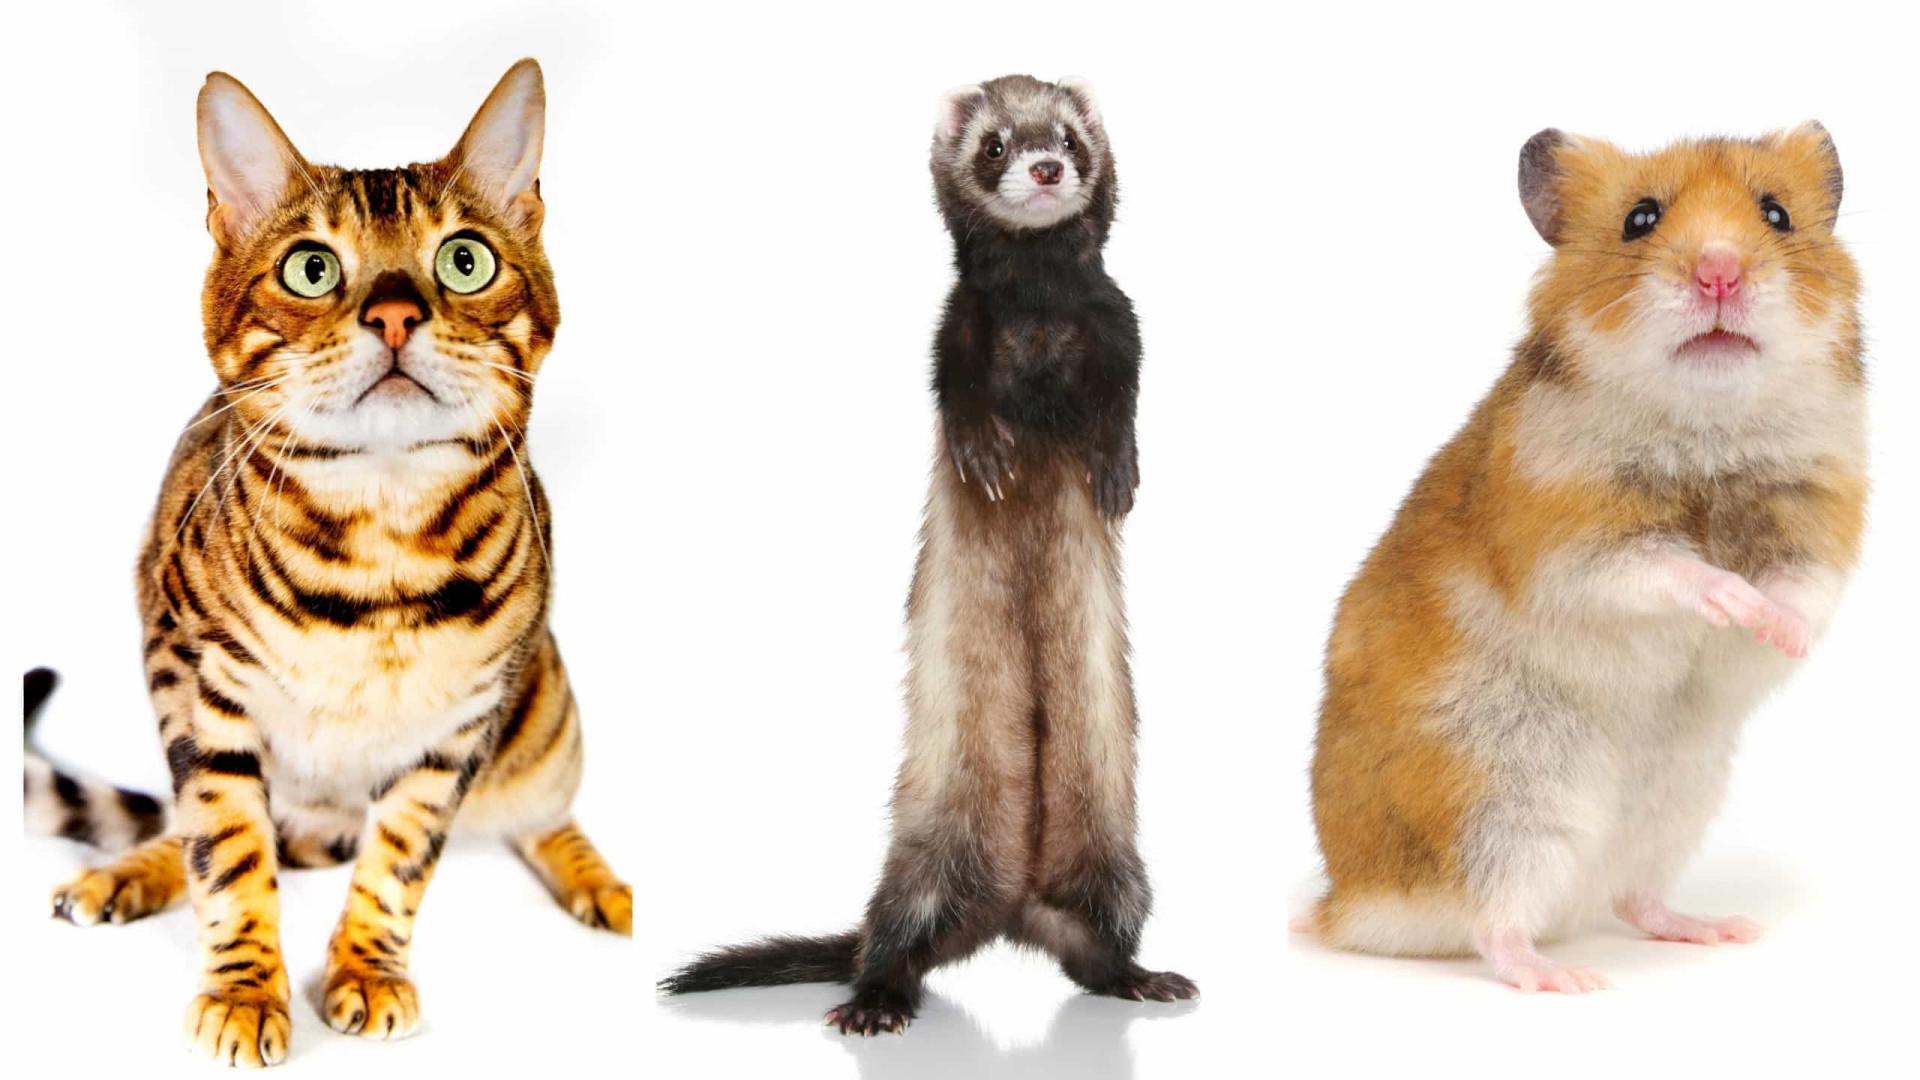 Animais de estimação ilegais: Do surpreendente ao óbvio